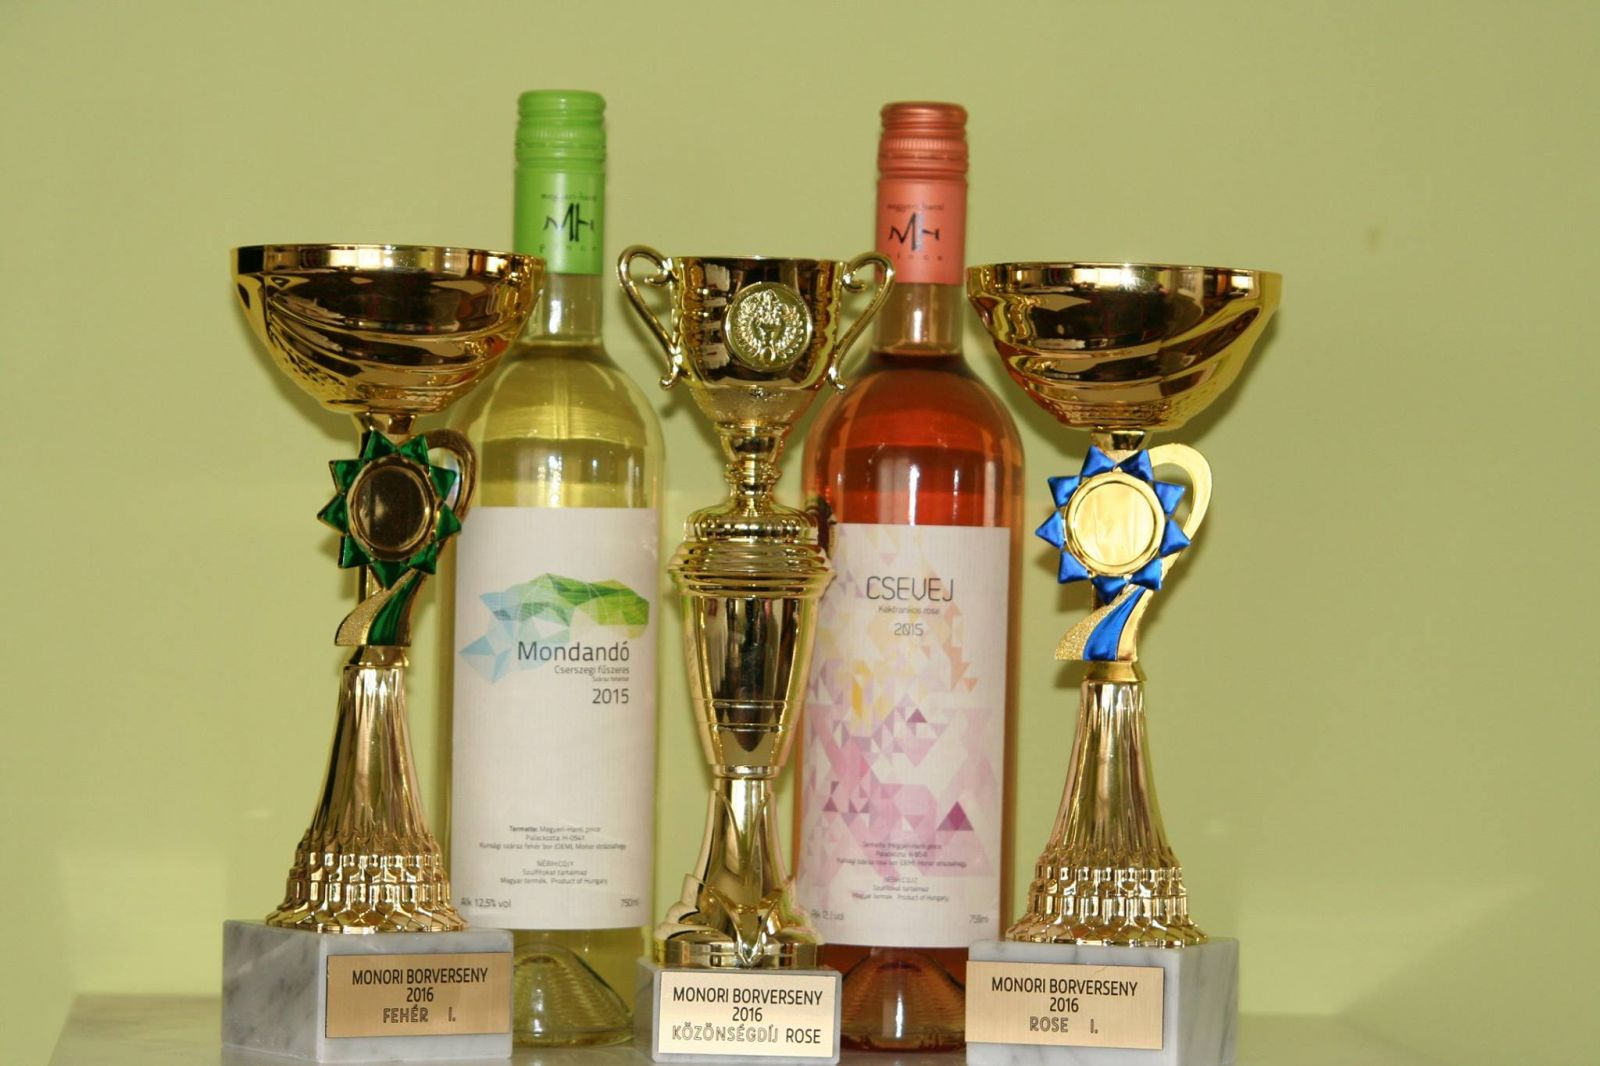 Nemzetközi versenyen is aranyérmes bor nyerte a Monor Város Bora 2016 címet